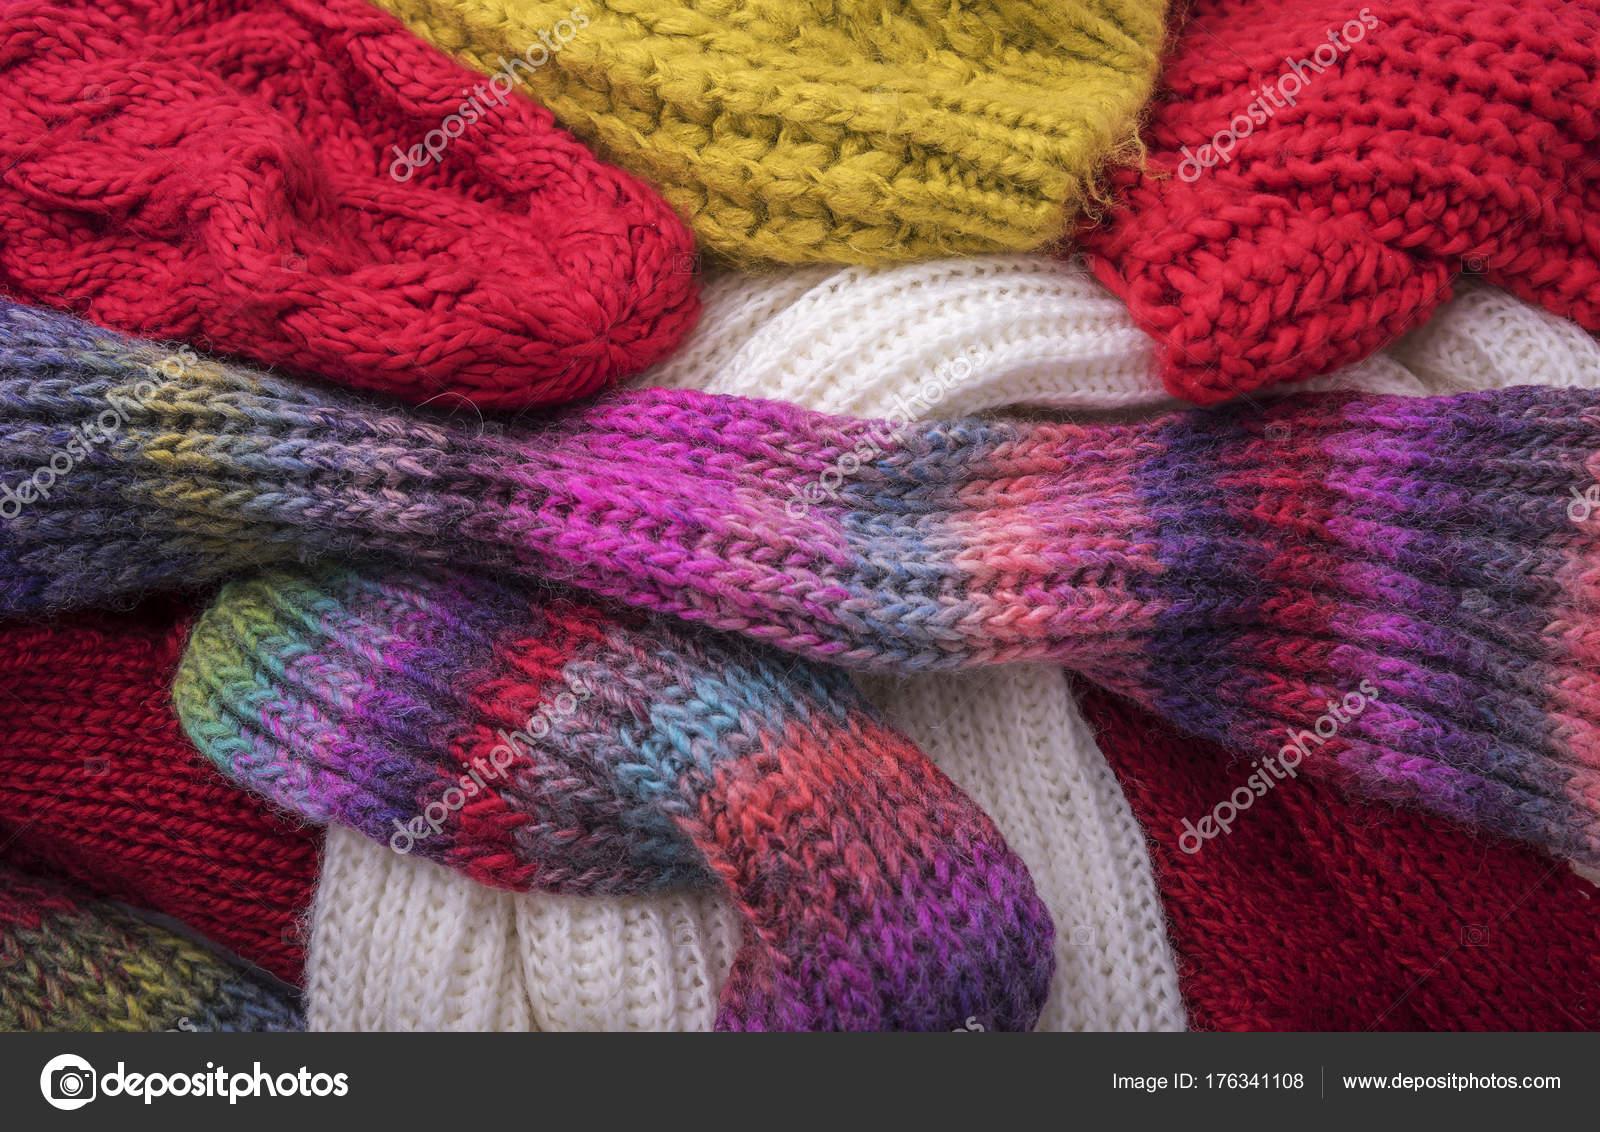 e19f7eb8892 Teplé zimní oblečení. Čepice a šátky — Stock Fotografie © tanya ...